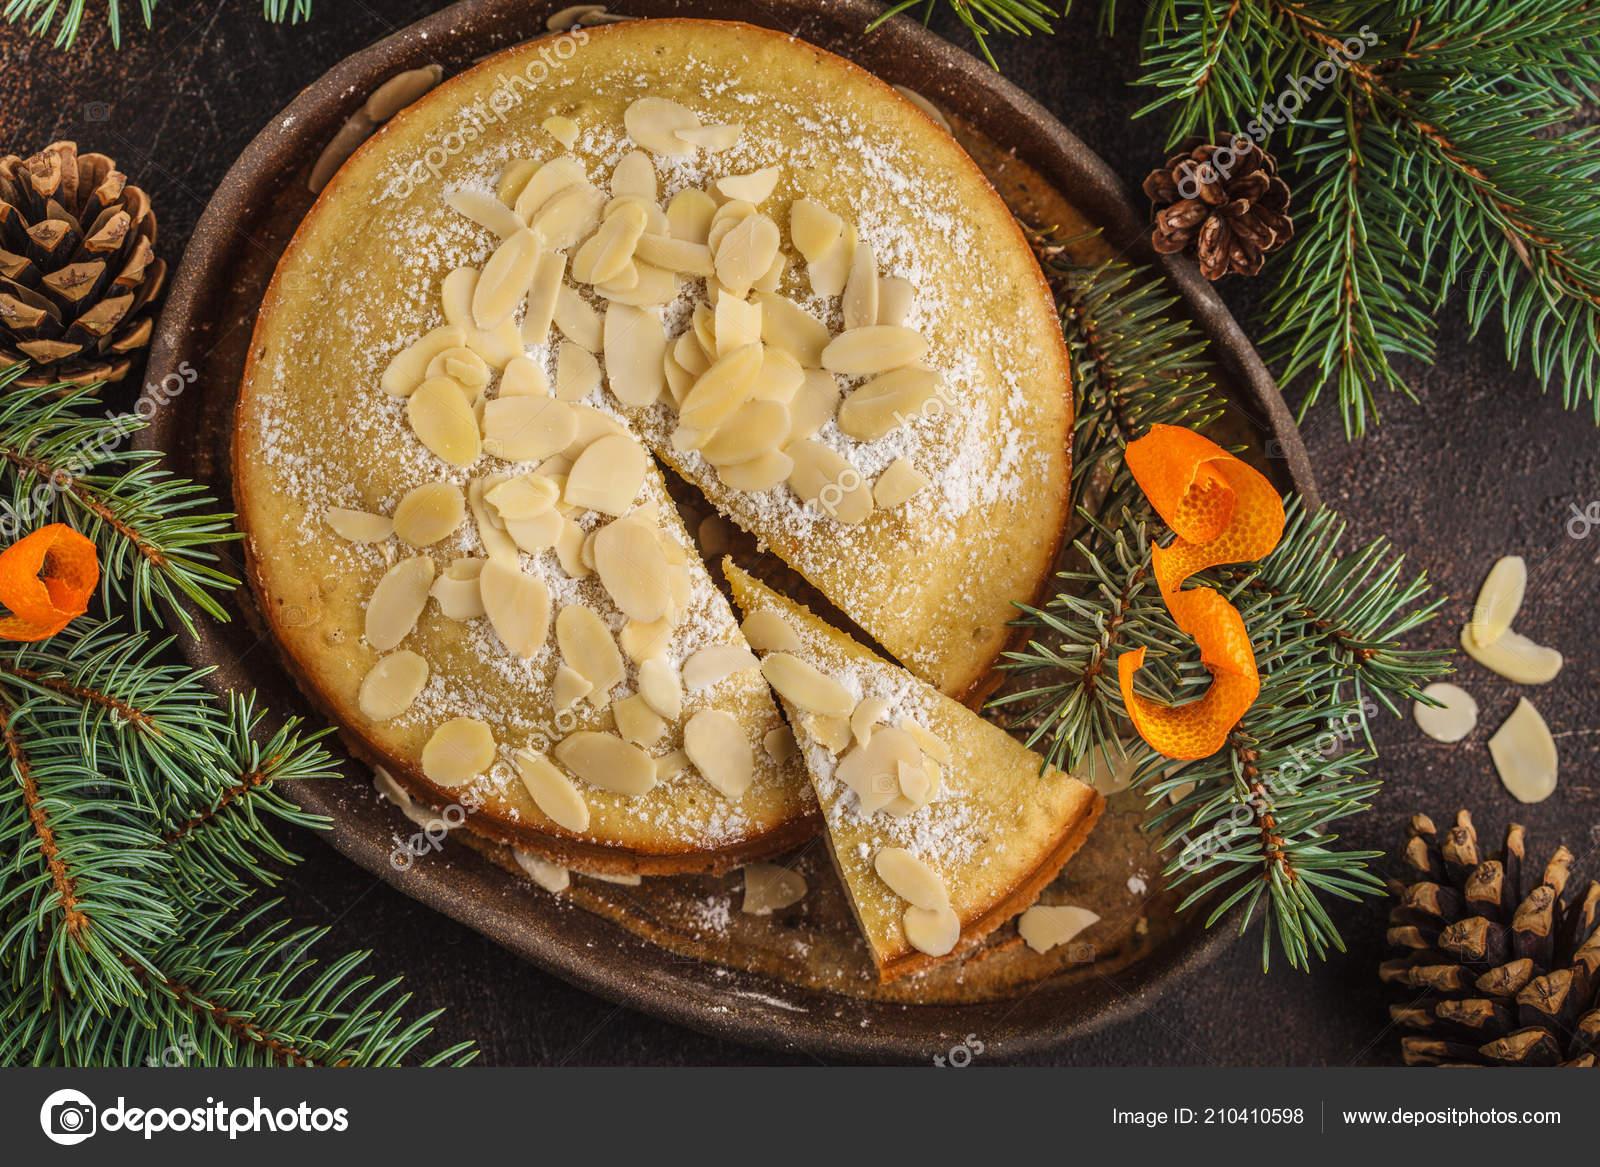 Traditional Christmas Norwegian Almond Cake Christmas